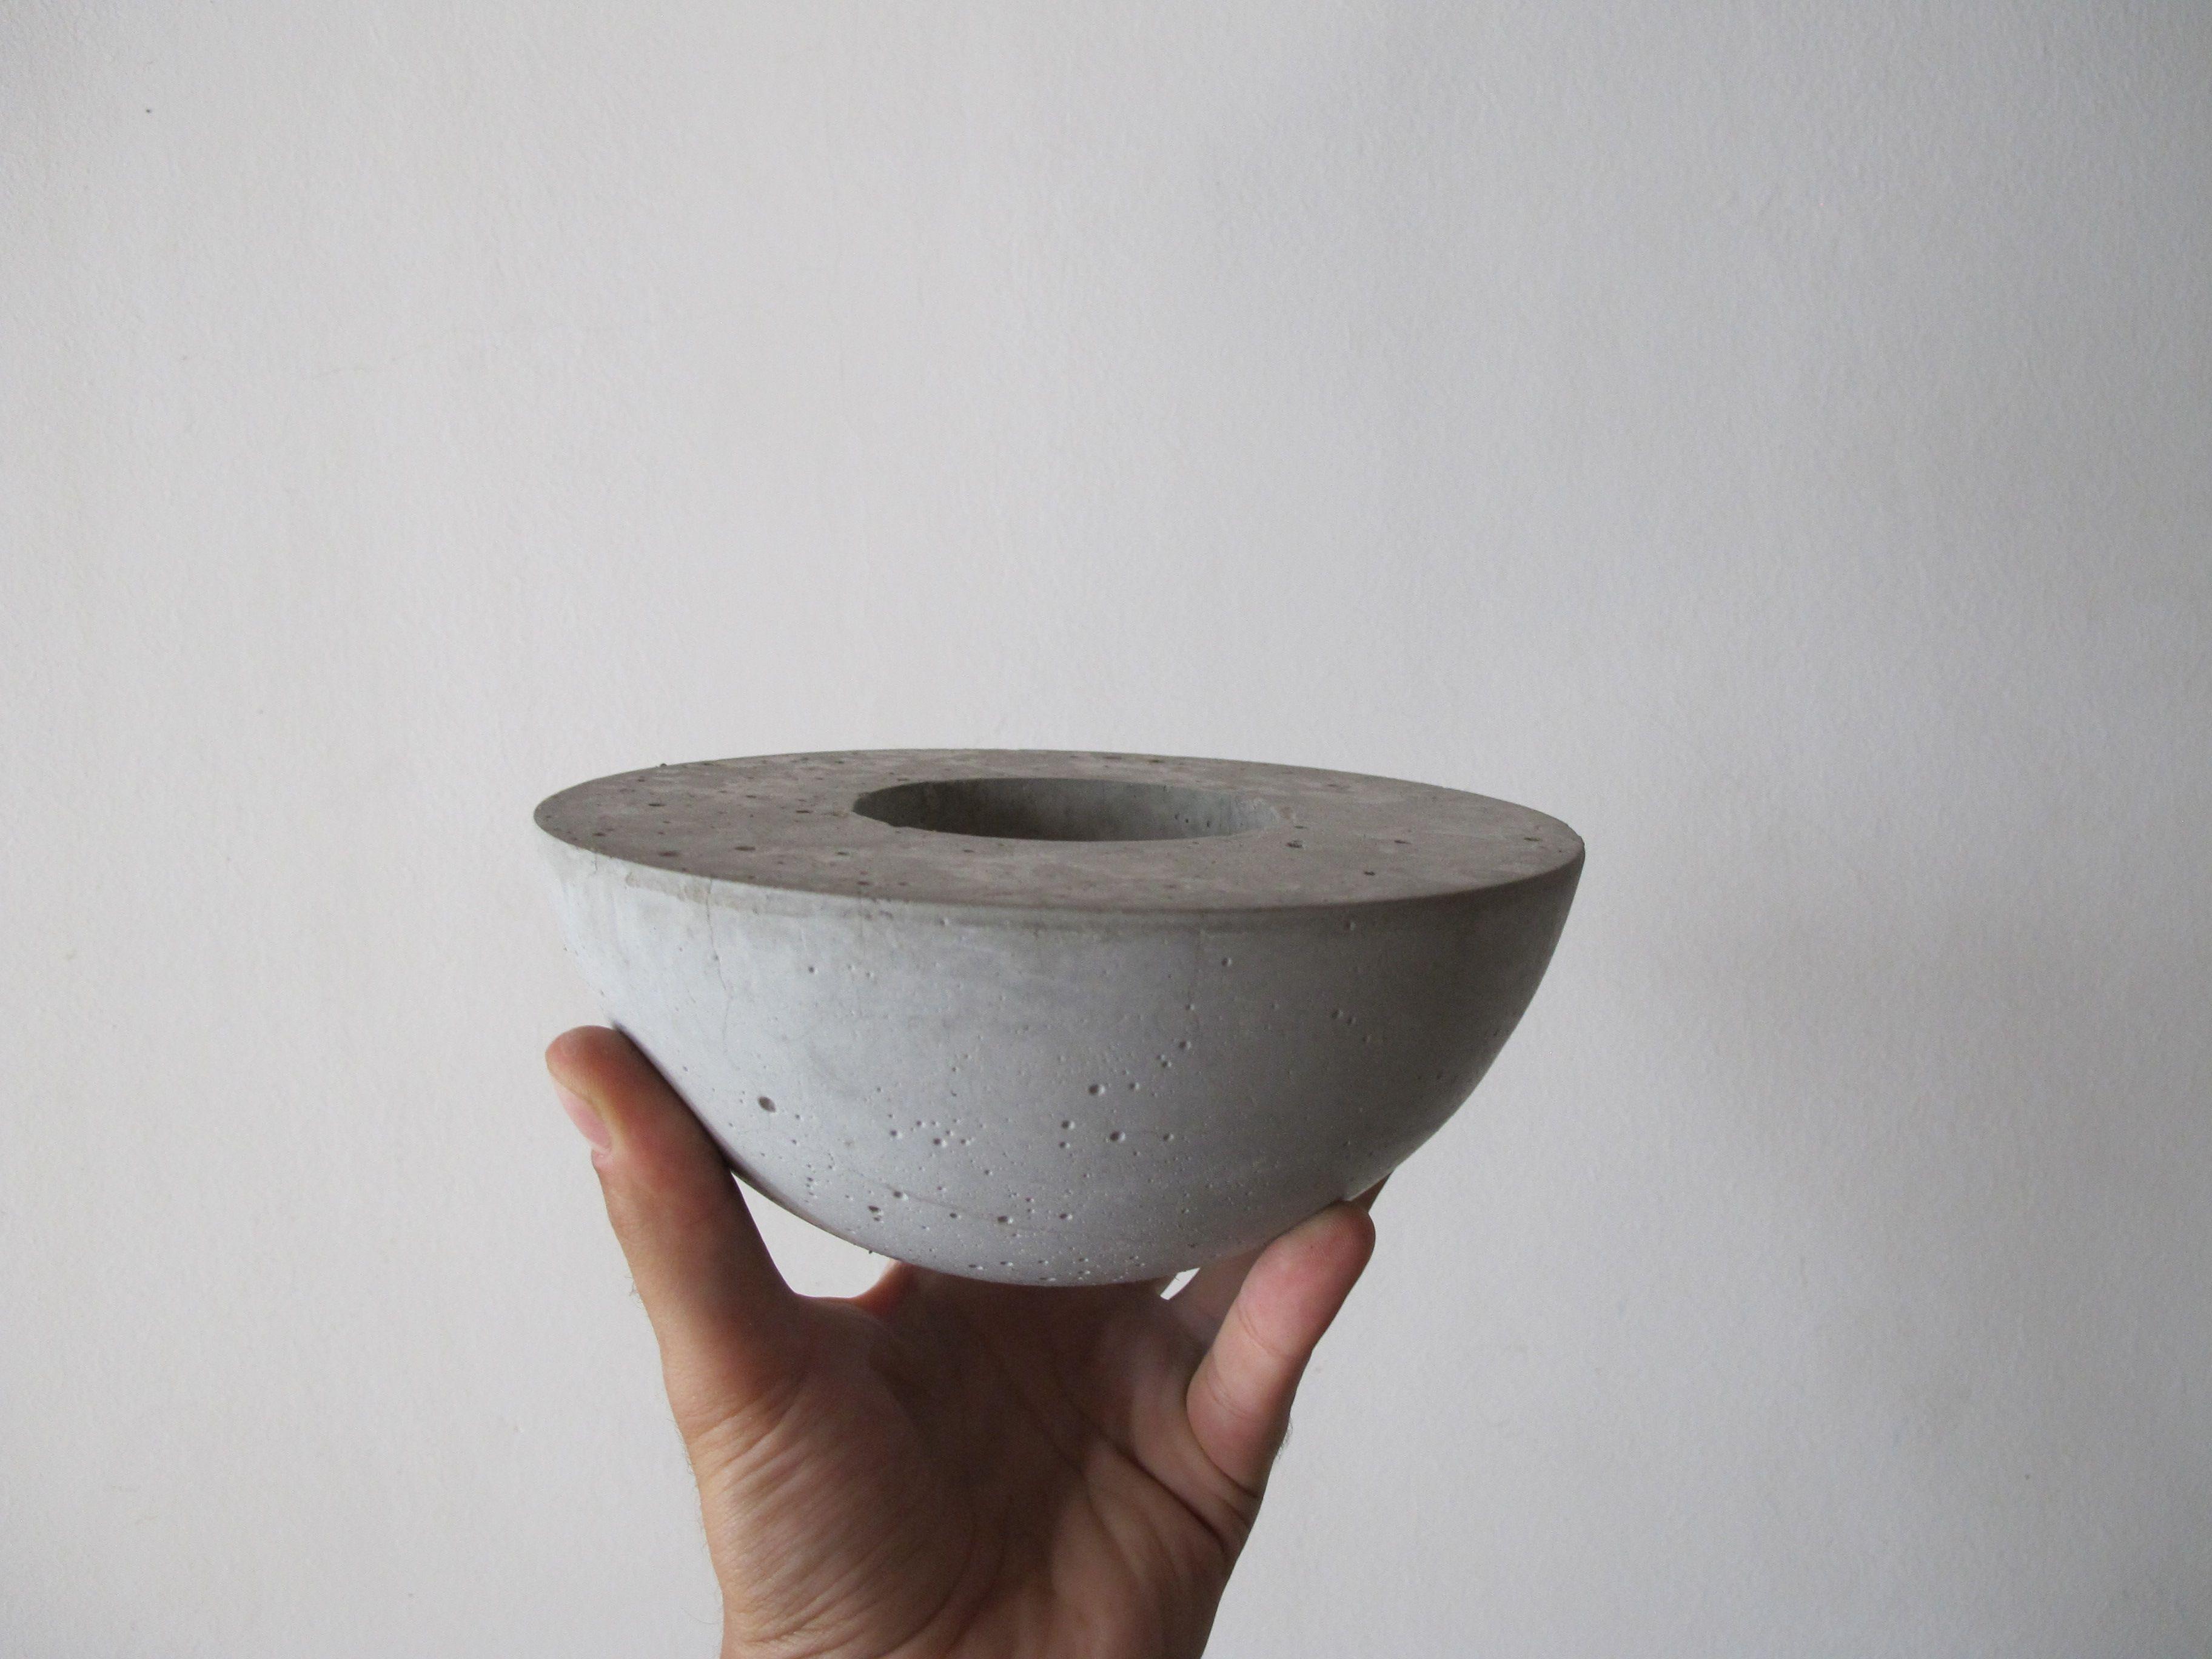 Maceta de cemento dise o minimalista conocenos - Maceta de cemento ...